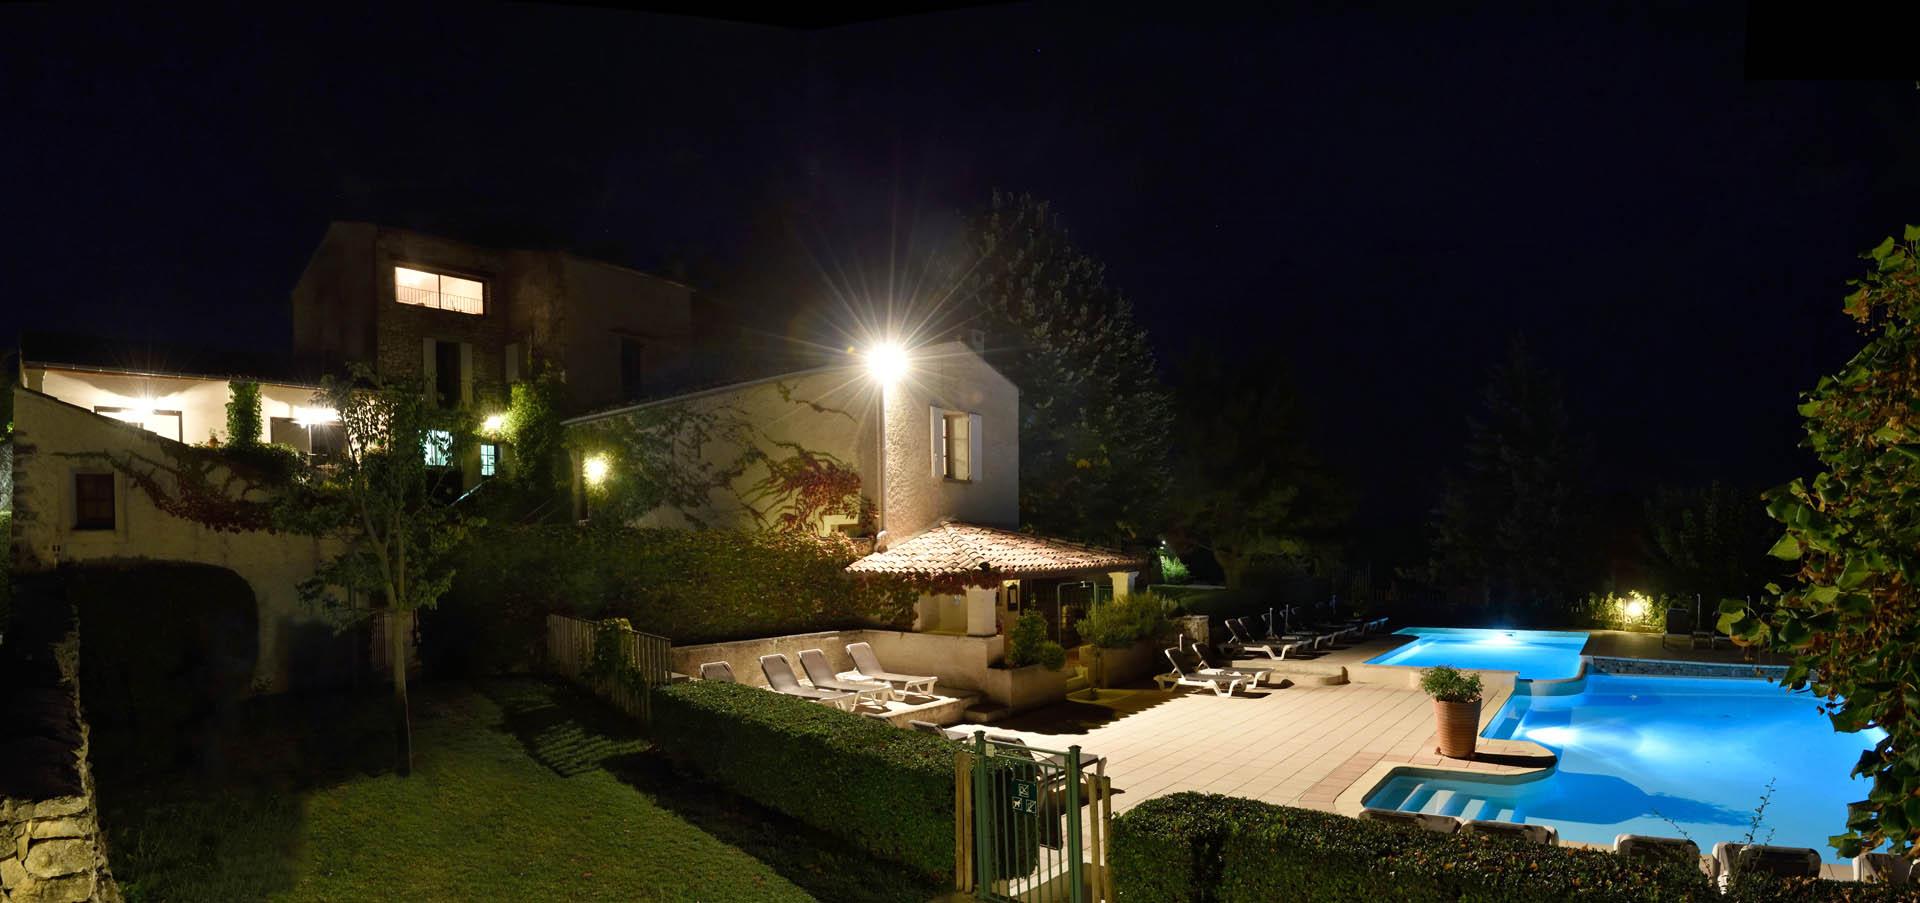 40 piscine nuit